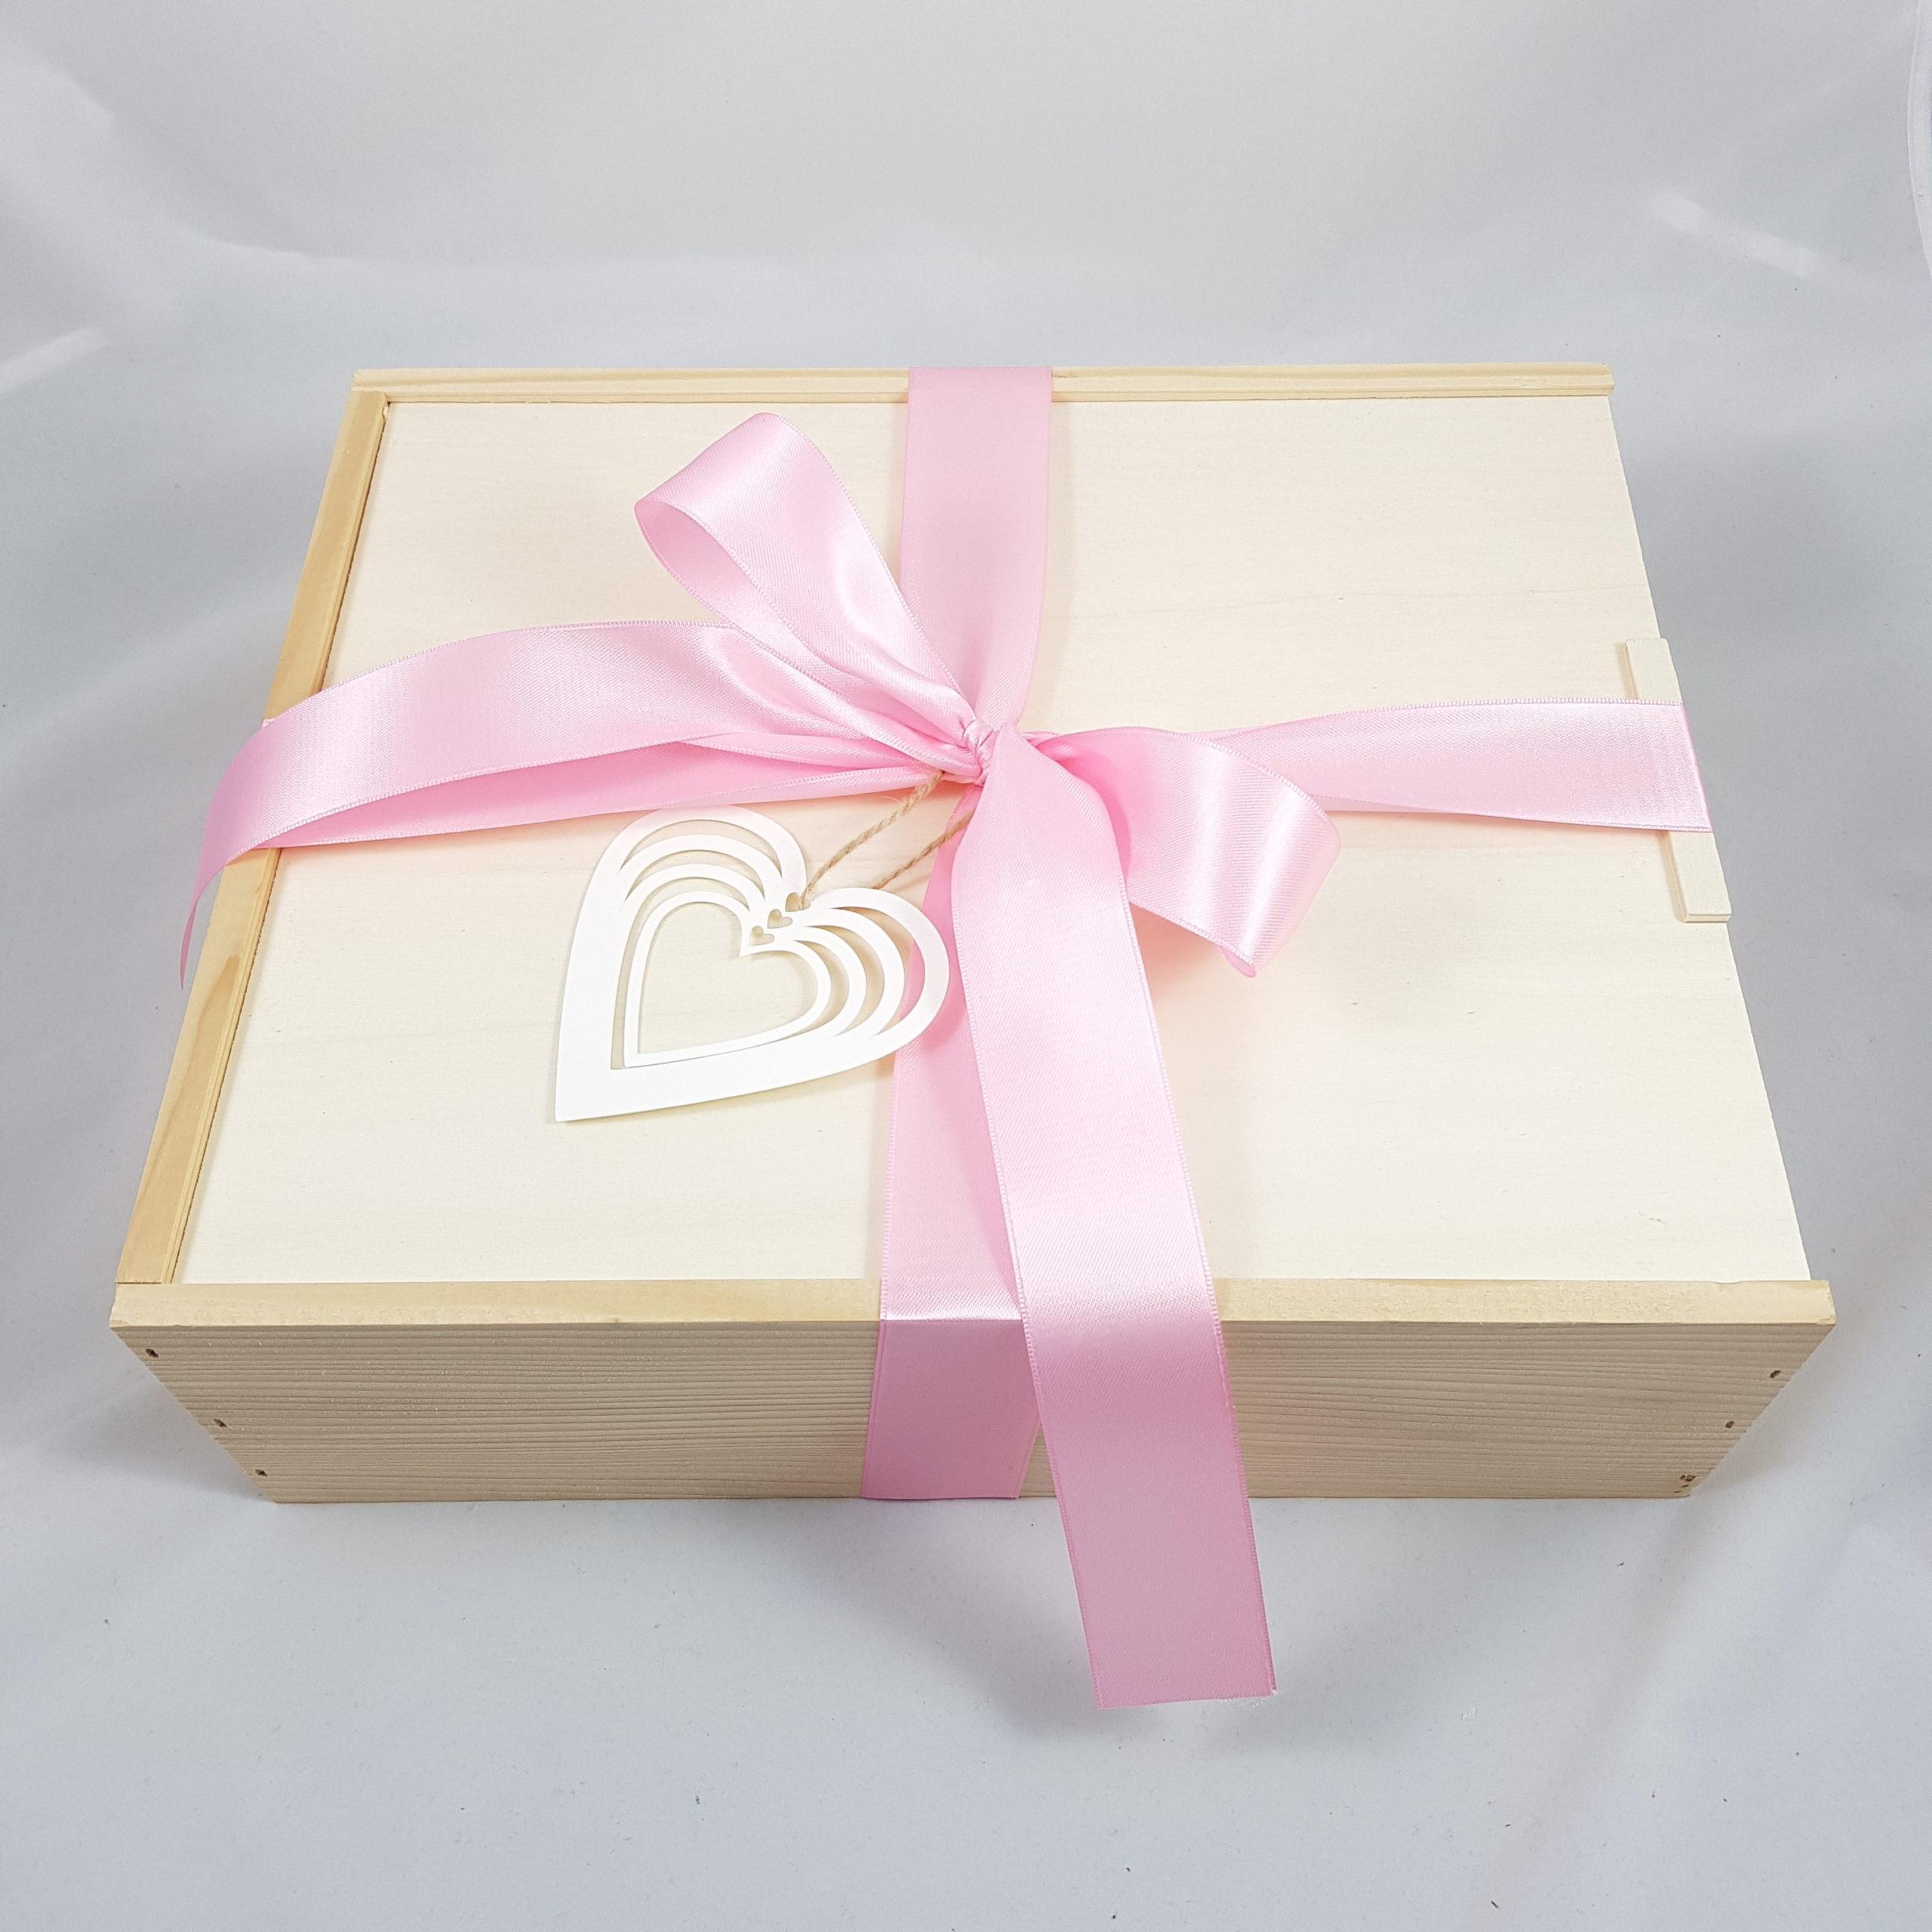 Saras Geschenke